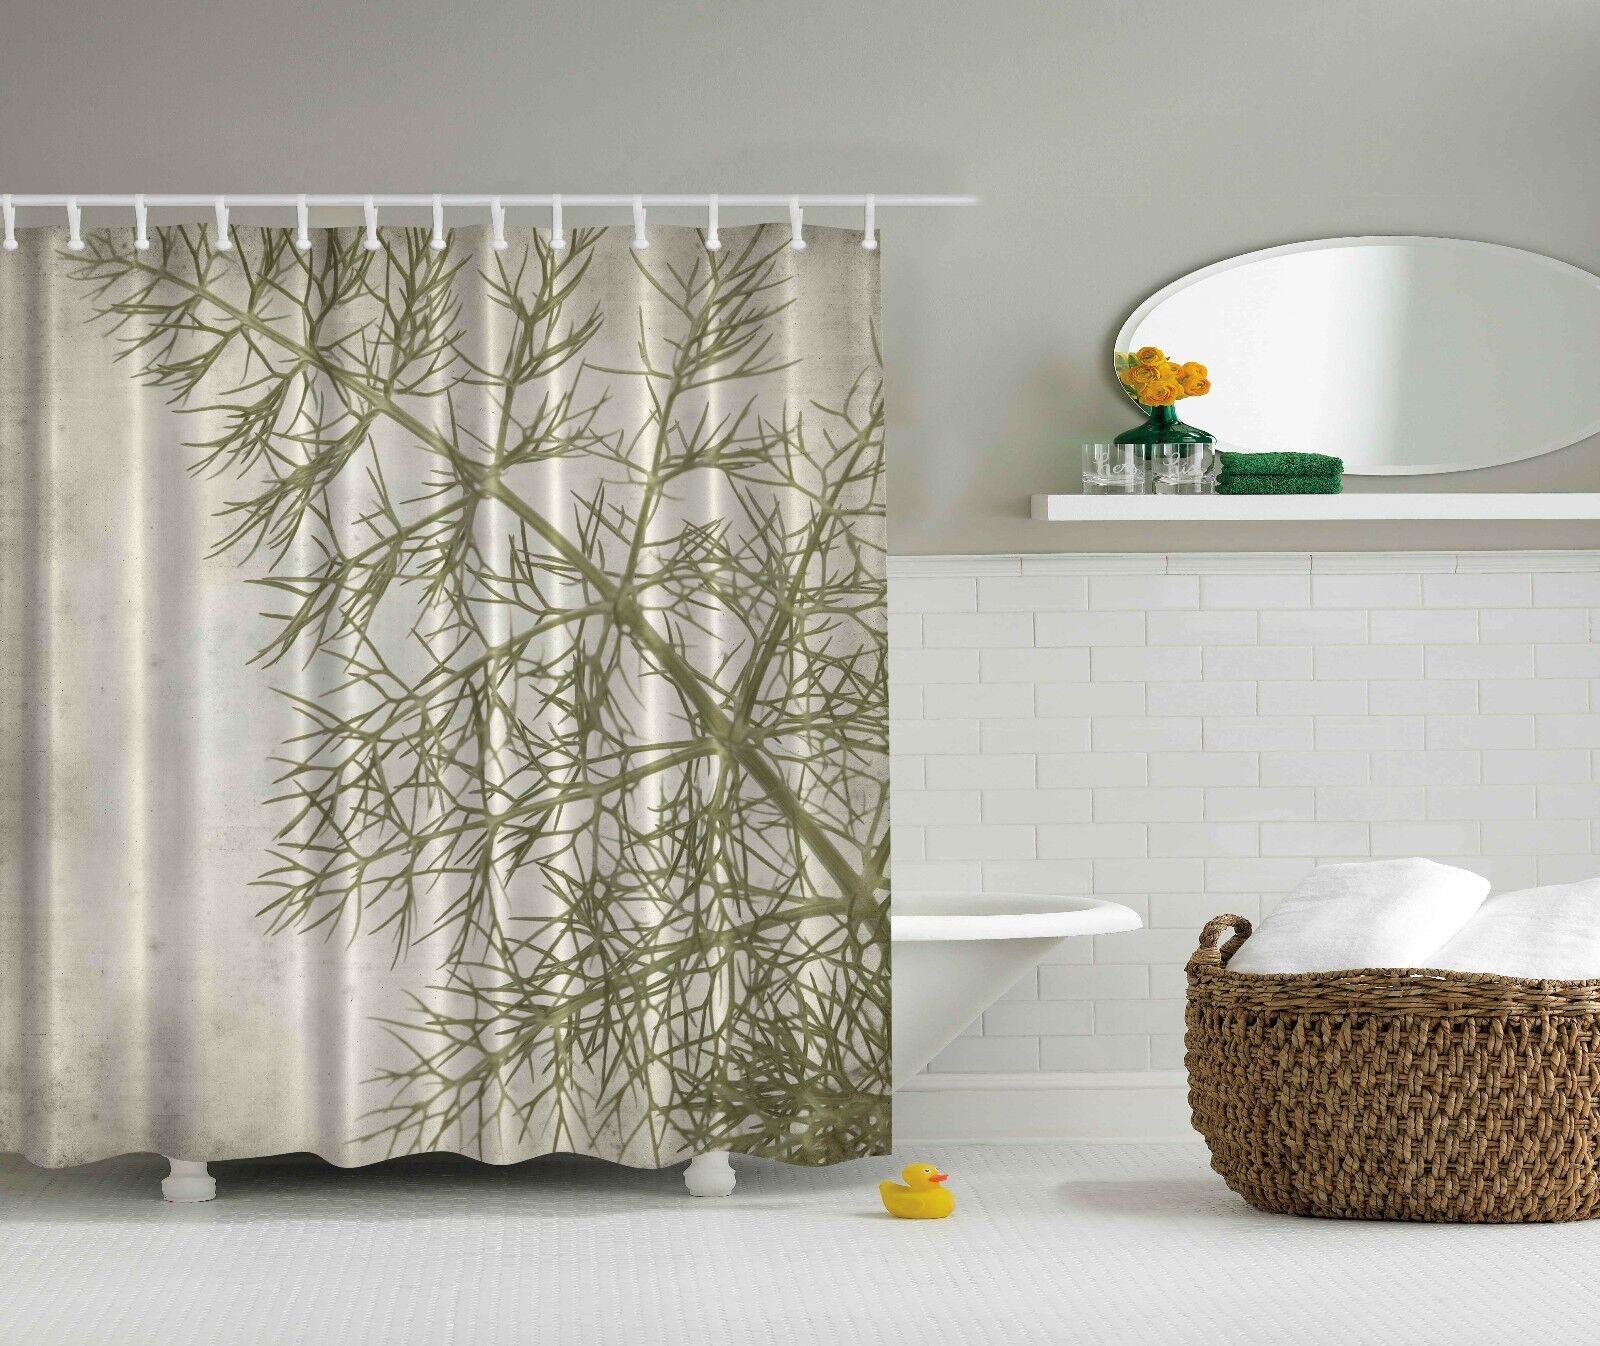 Sage Grun Fern Leaf Photograph Artwork Digital Shower Curtain Dad4c8